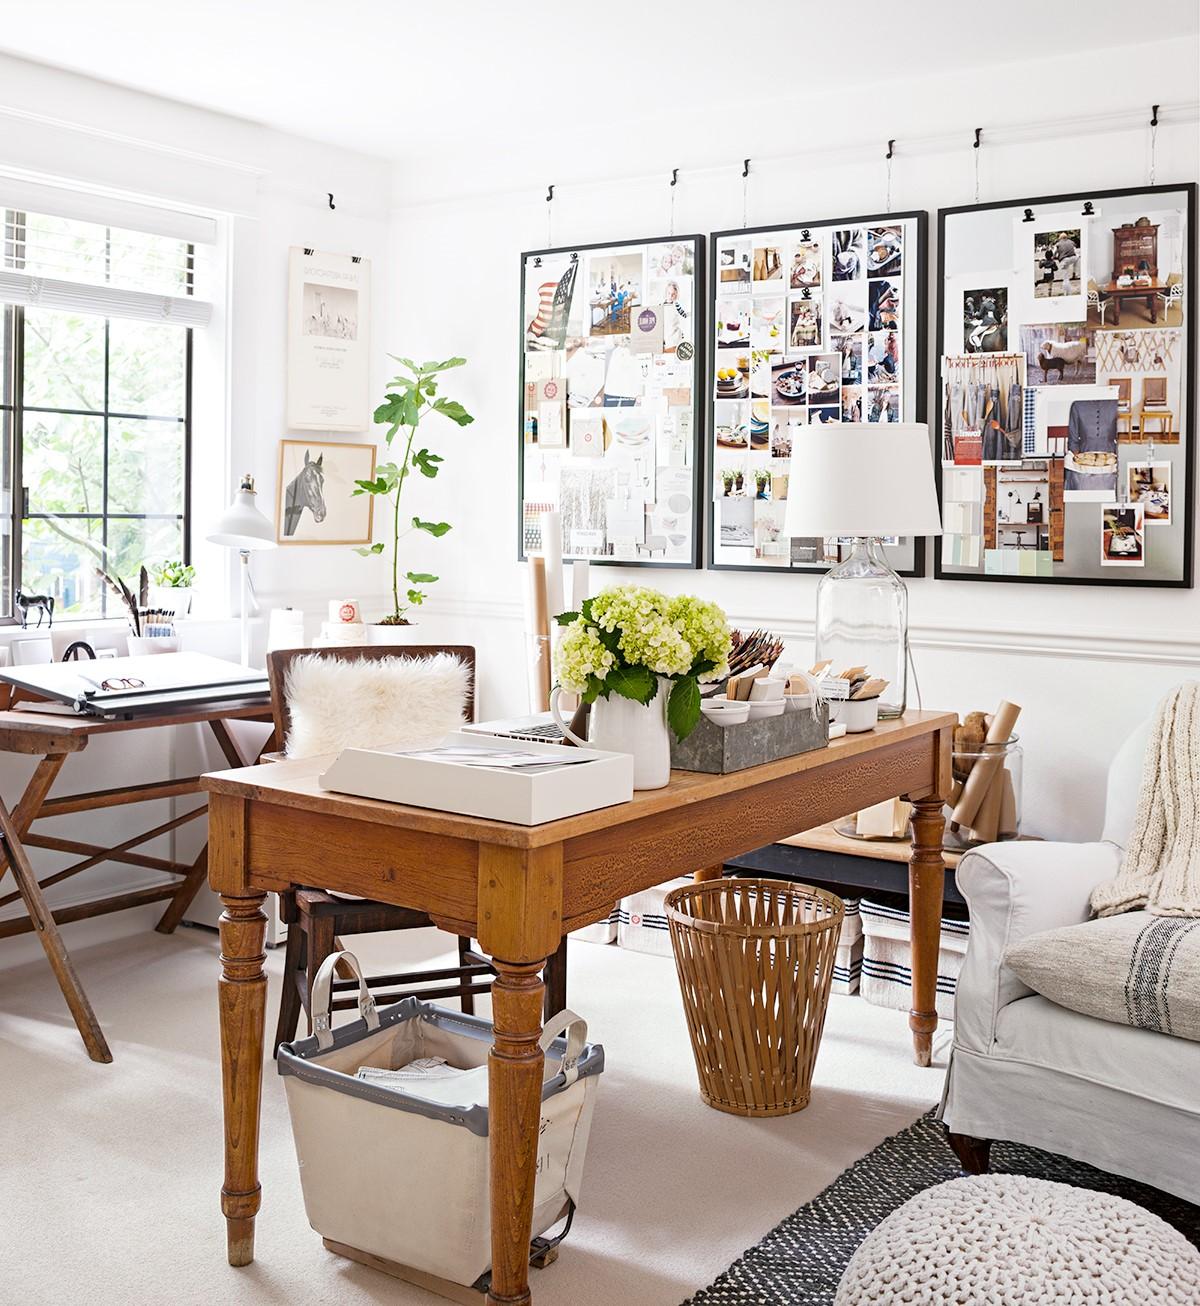 Ajoutez un siège pivotant et une lampe de table et vous disposerez d'un poste de travail dissimulé dans votre salon.